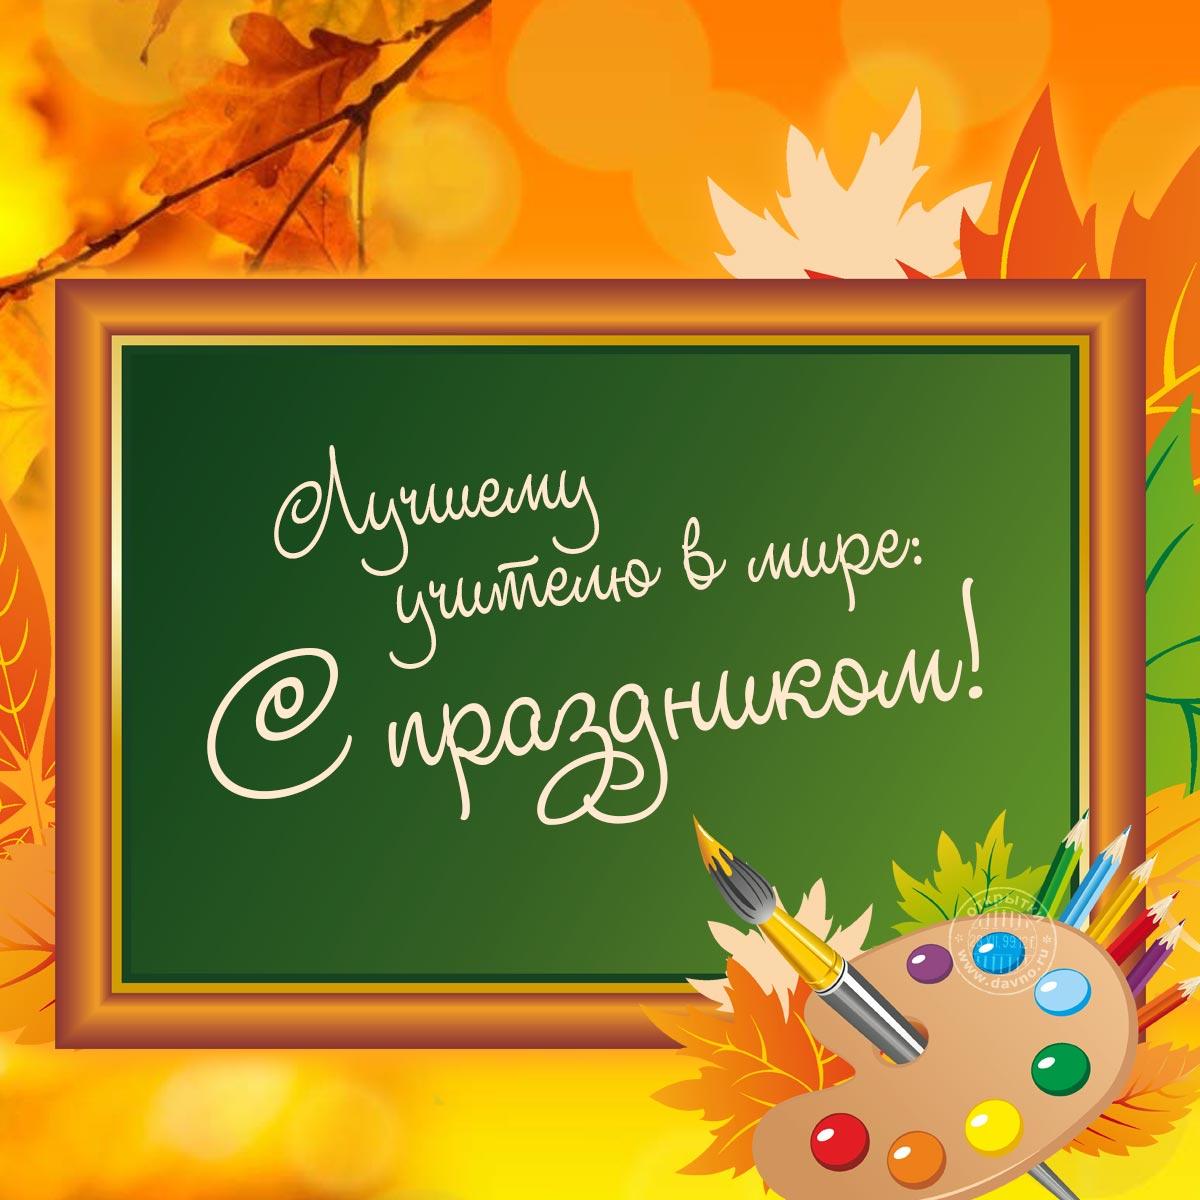 Электронные открытки с поздравлением учителей, спокойной